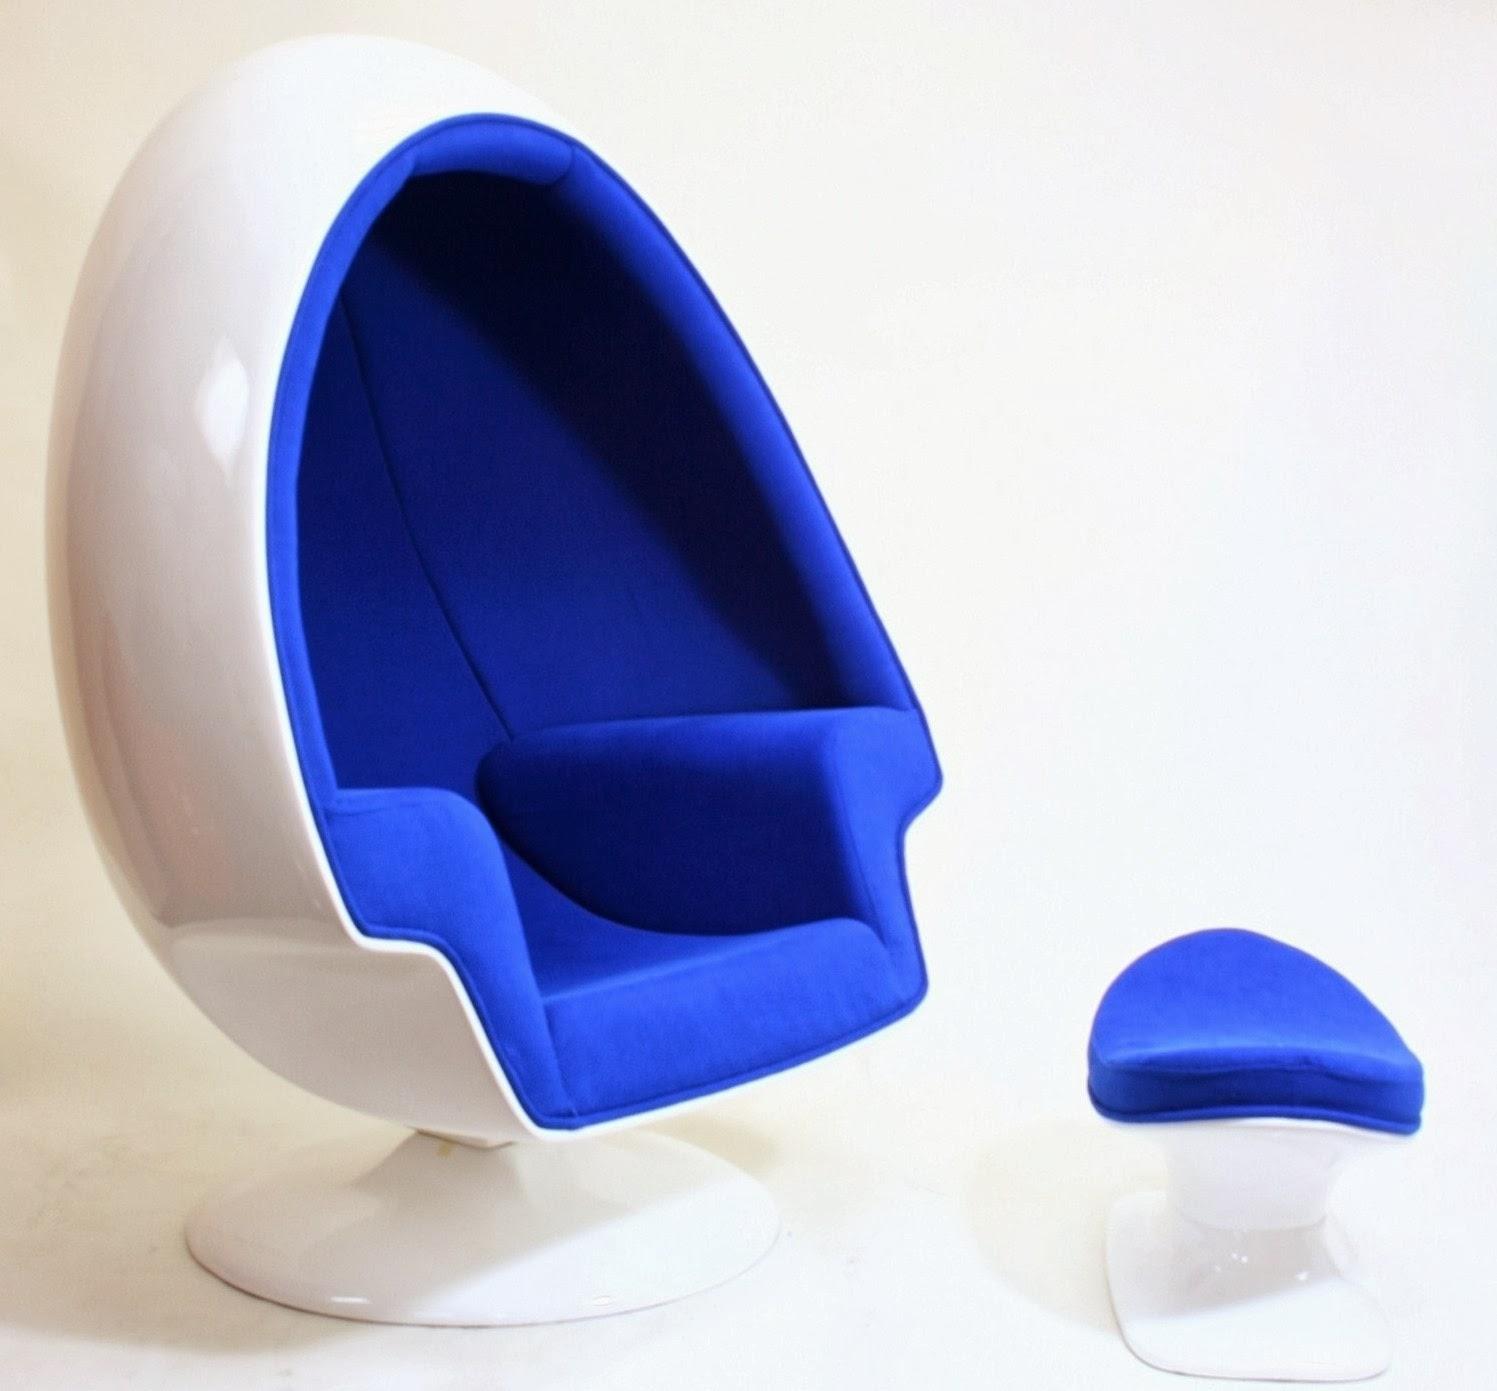 Fauteuil uf une conception classique pour votre maison fauteuil main - Siege en forme de main ...